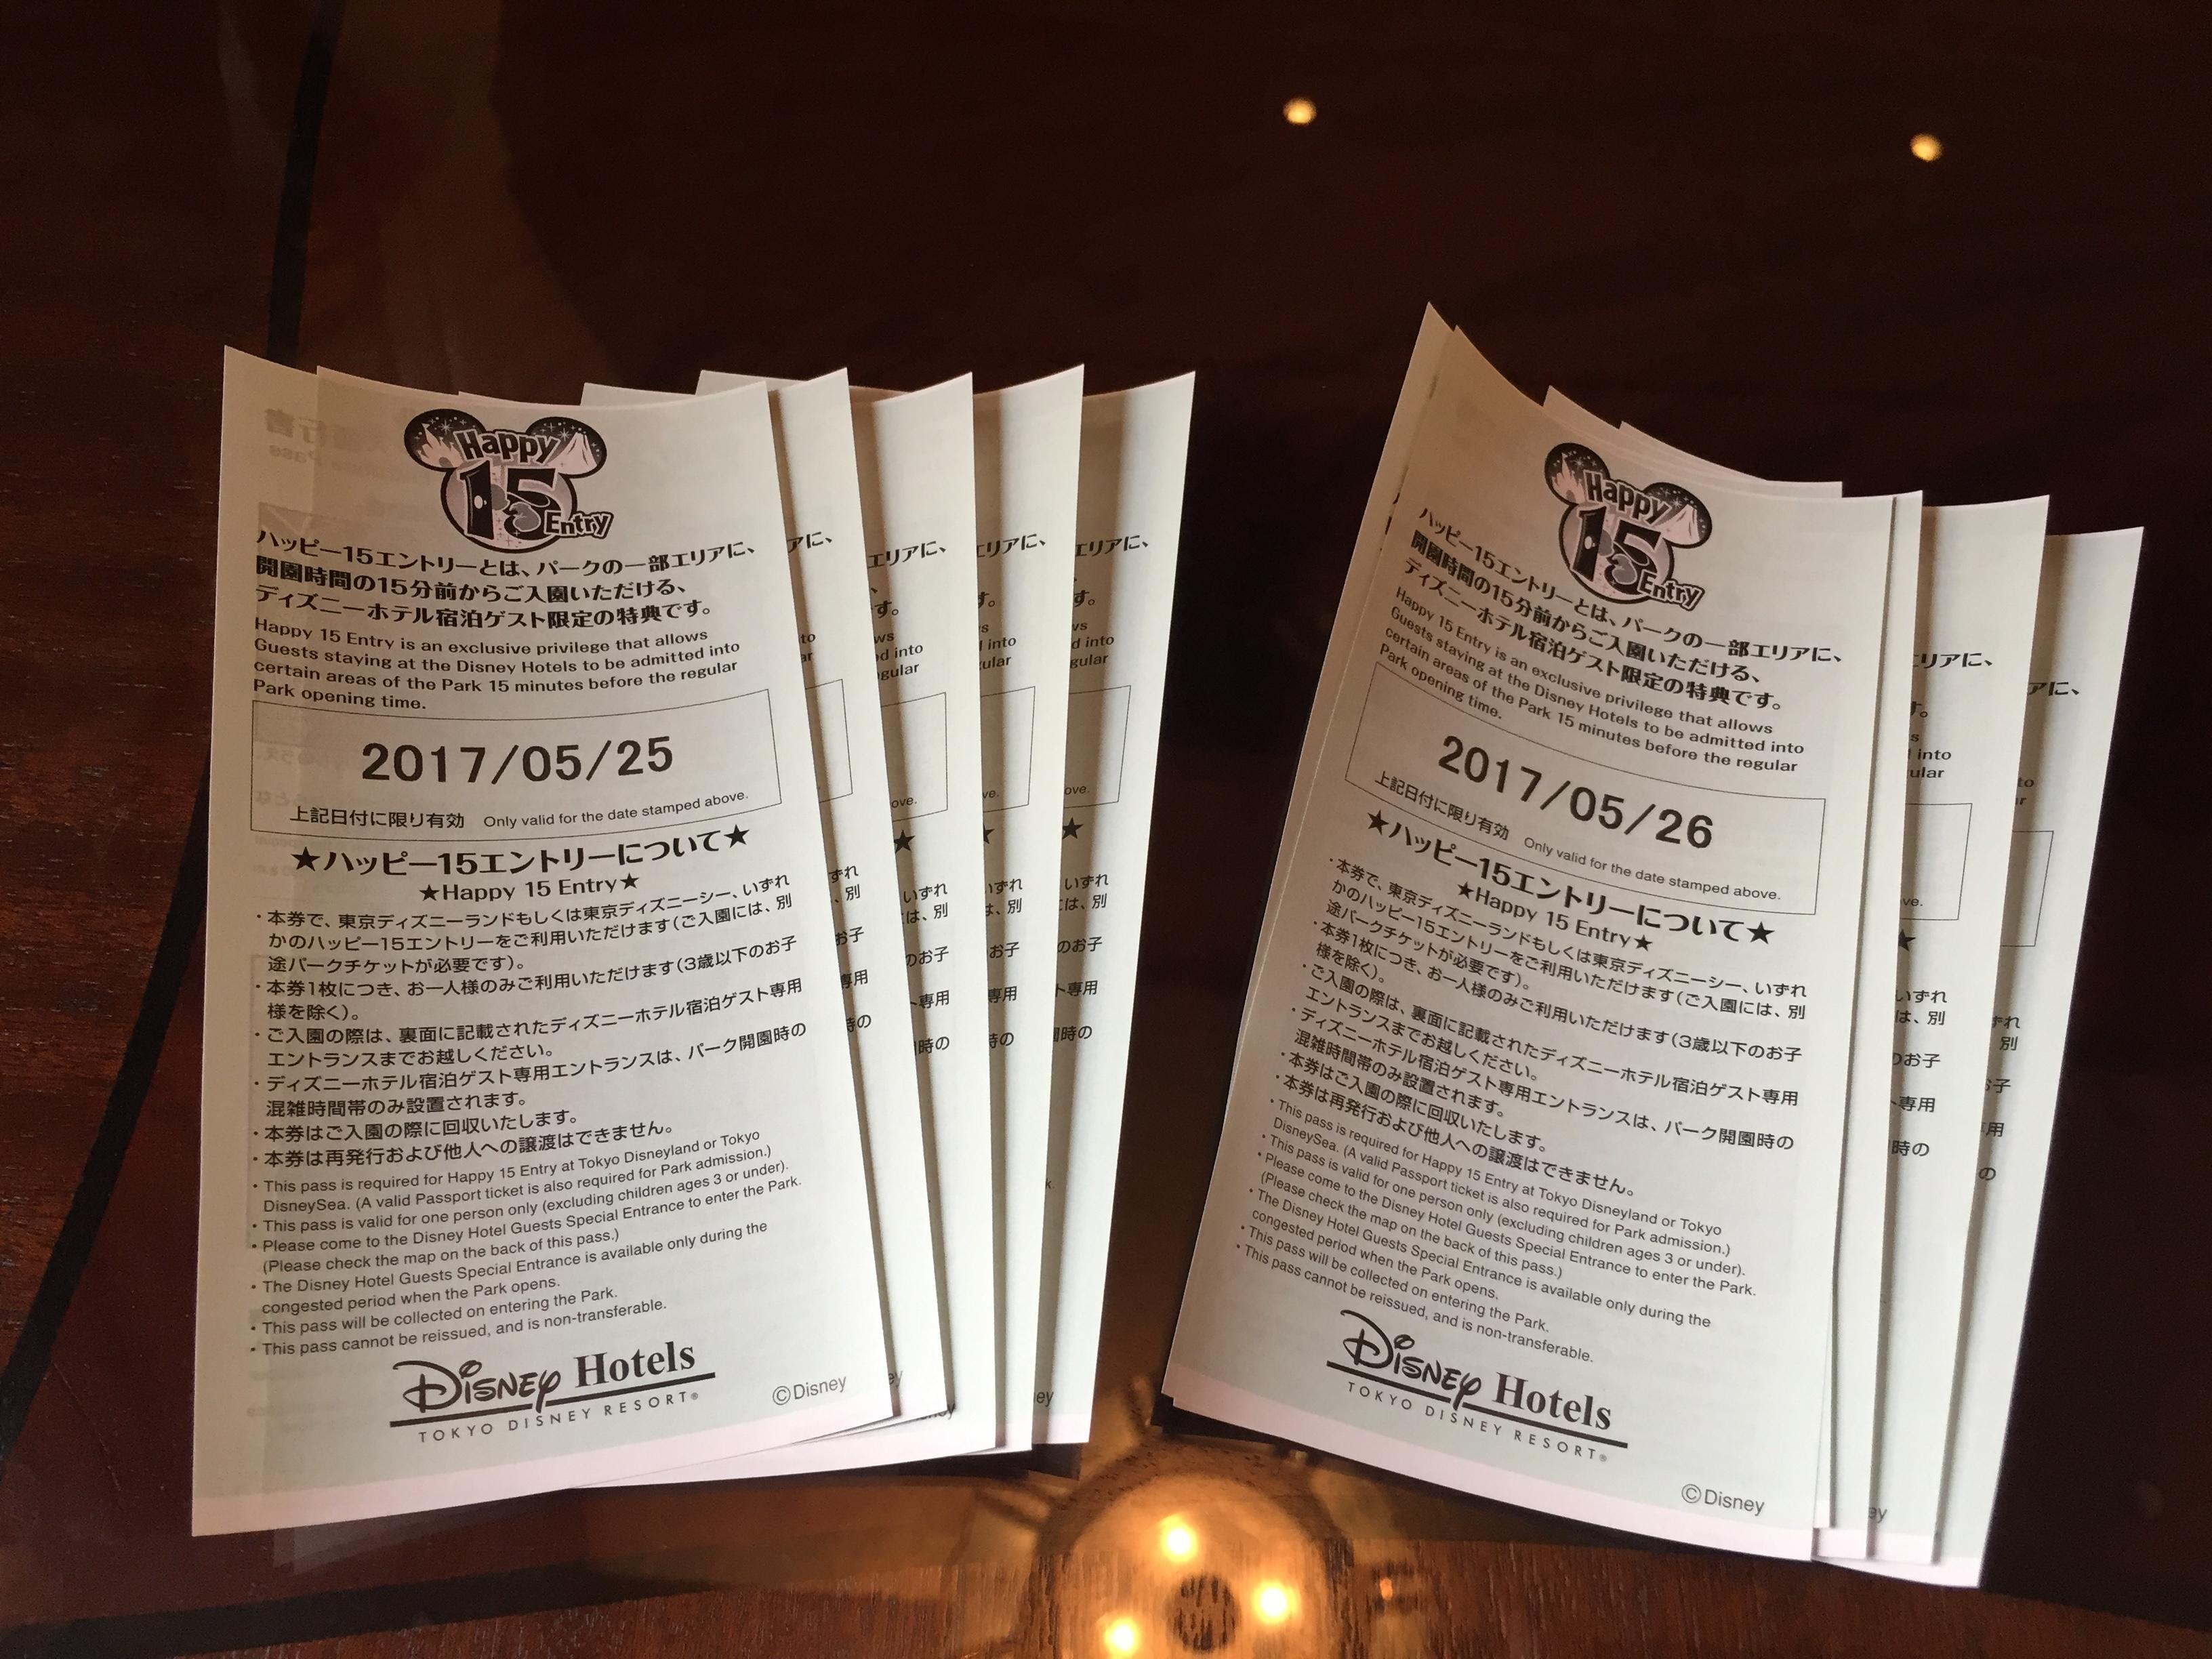 東京ディズニーランドホテルの「コンシェルジュ」「スイート」に宿泊